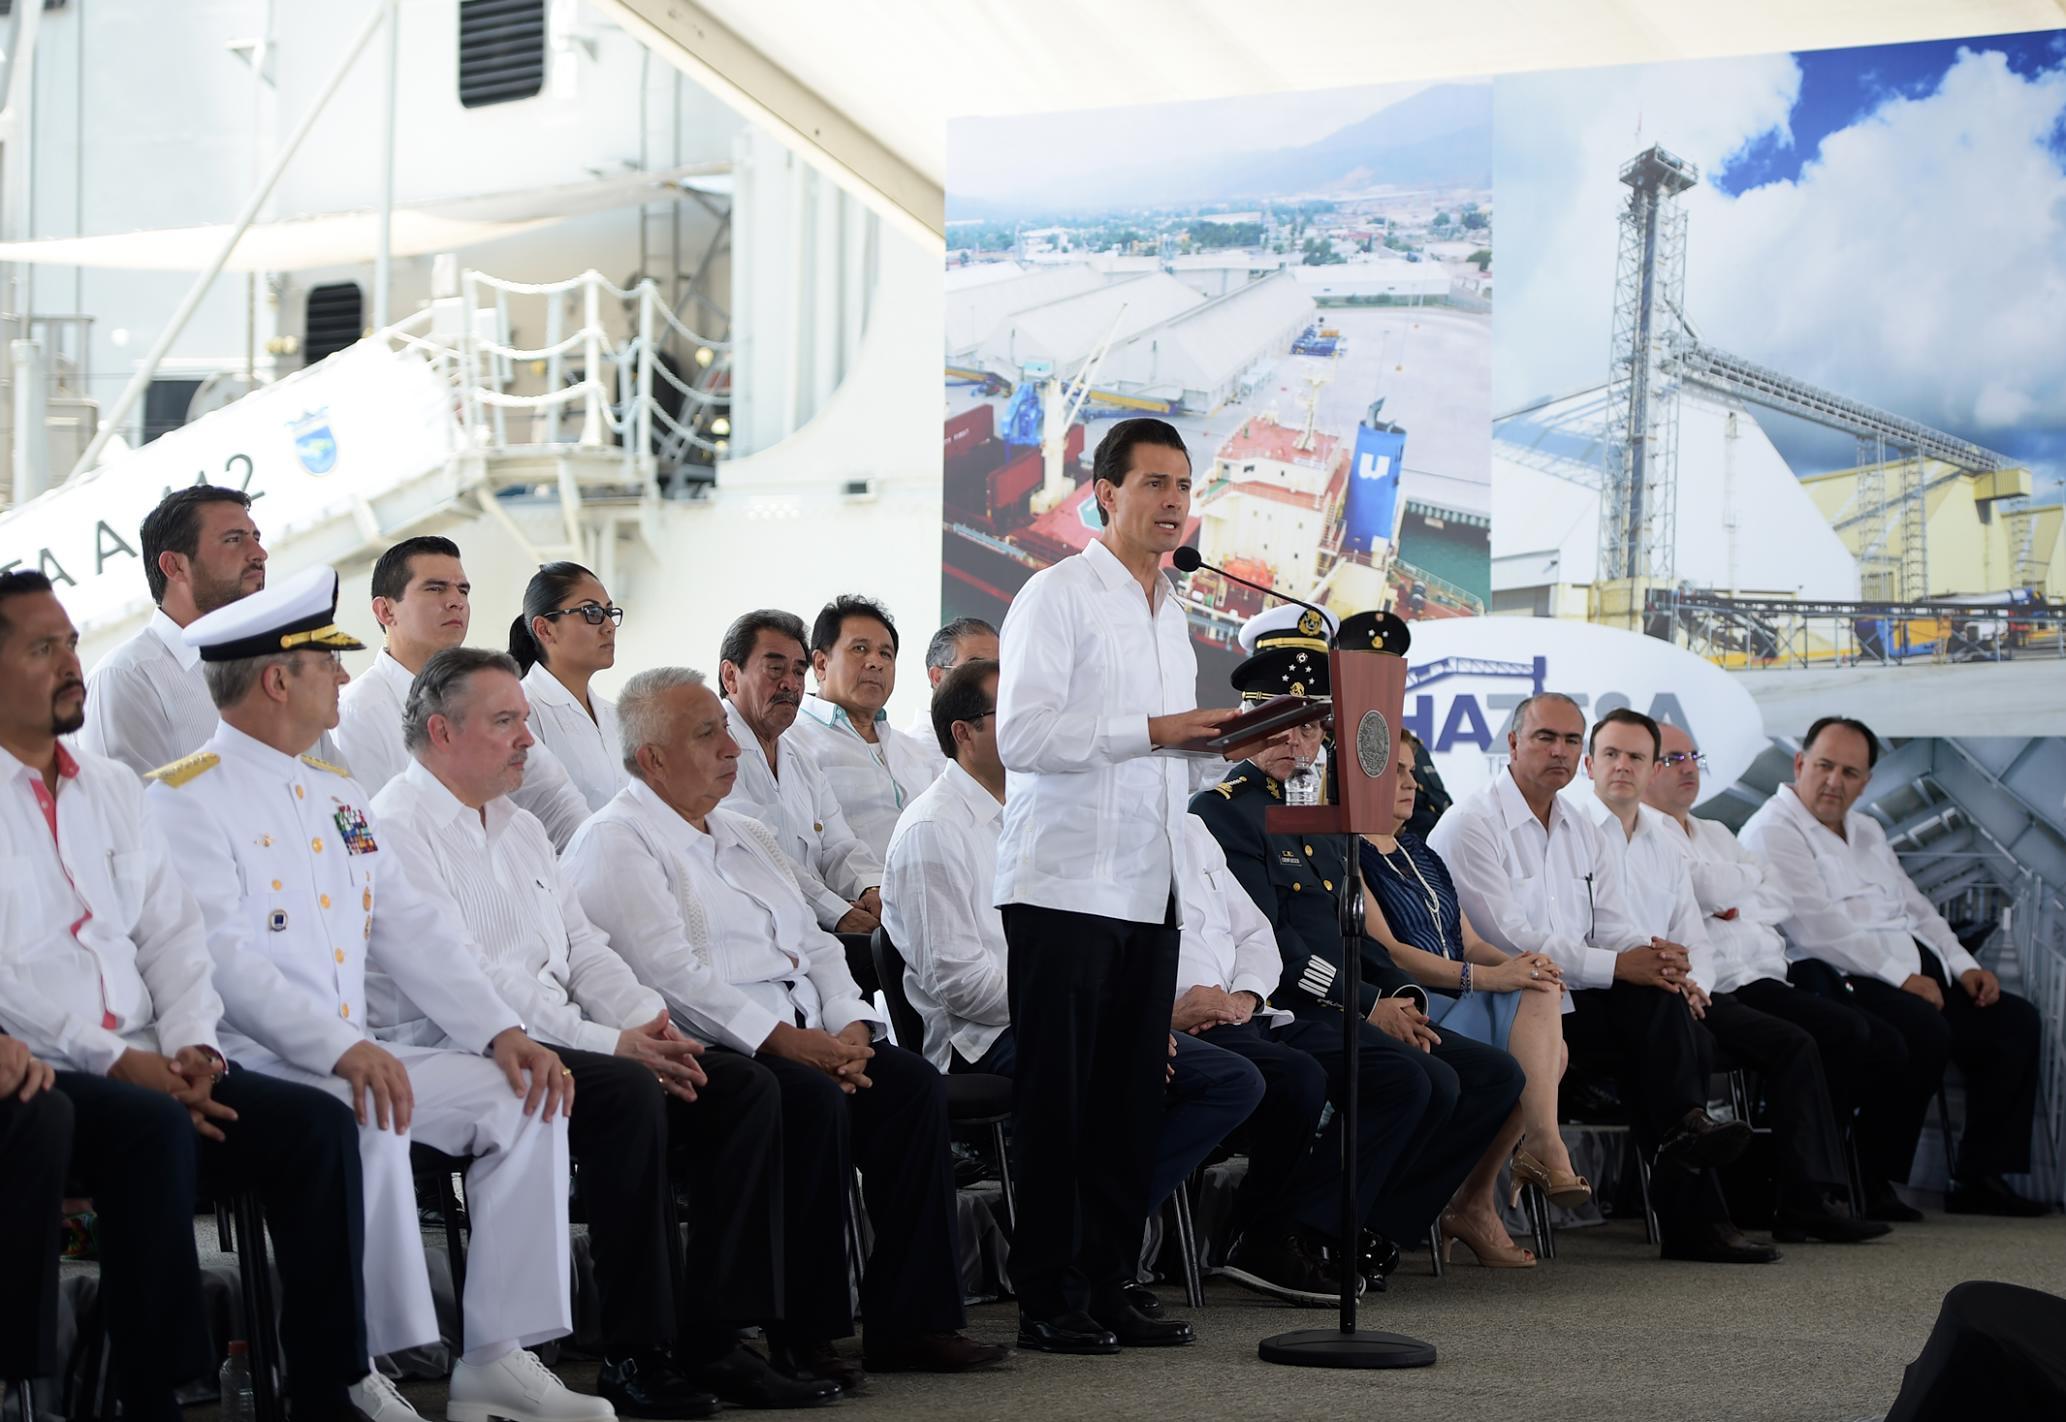 La posición de Manzanillo es estratégica para aprovechar el comercio internacional, especialmente el que se está detonando con el Acuerdo Transpacífico de Cooperación Económica (TPP).